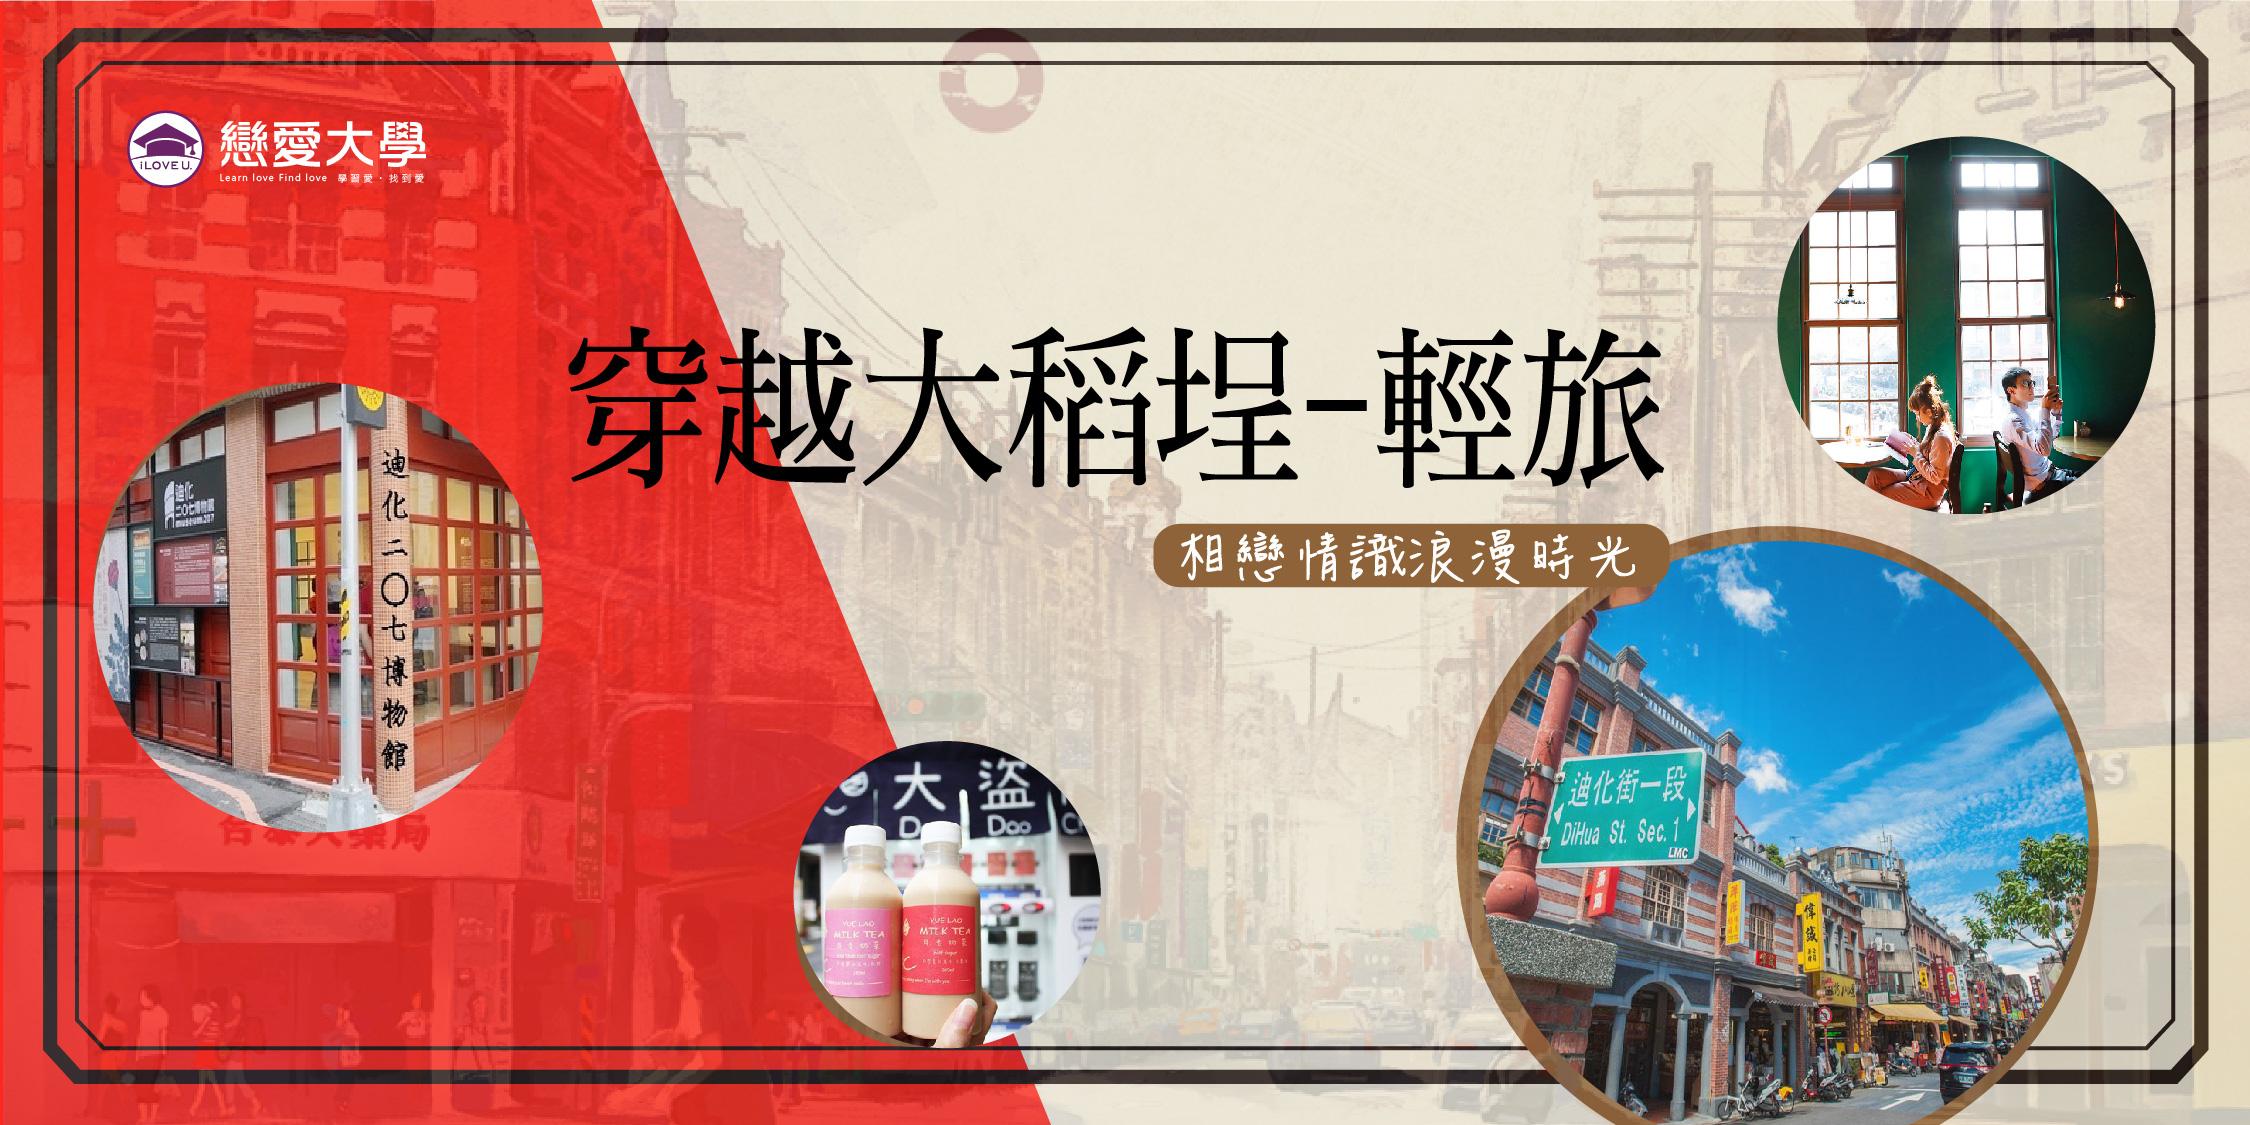 ❤戀愛大學❤ 11/30(六)、12/29(日)、1/19(日)、2/22(六)【舊城情識-大稻埕深度輕旅】